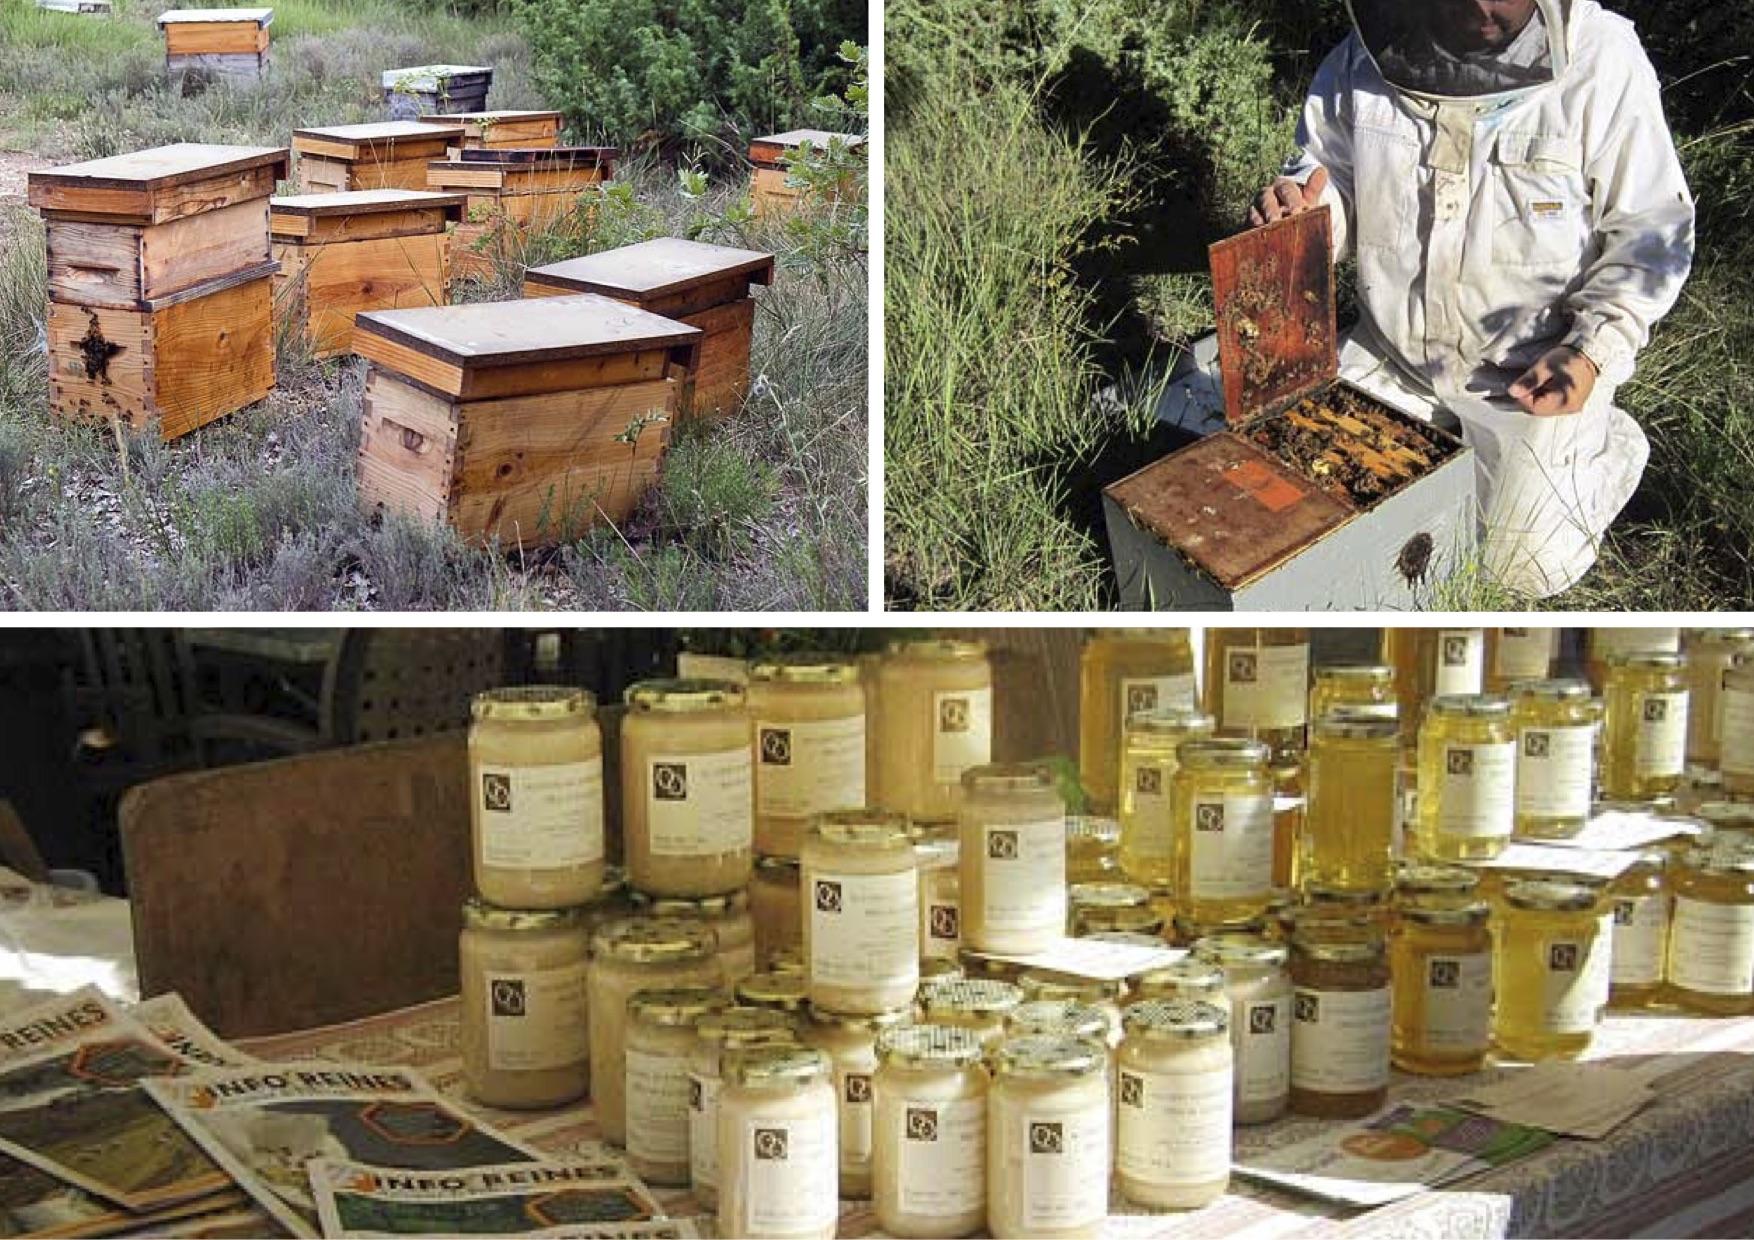 Les ruchers de bonnechere.jpg